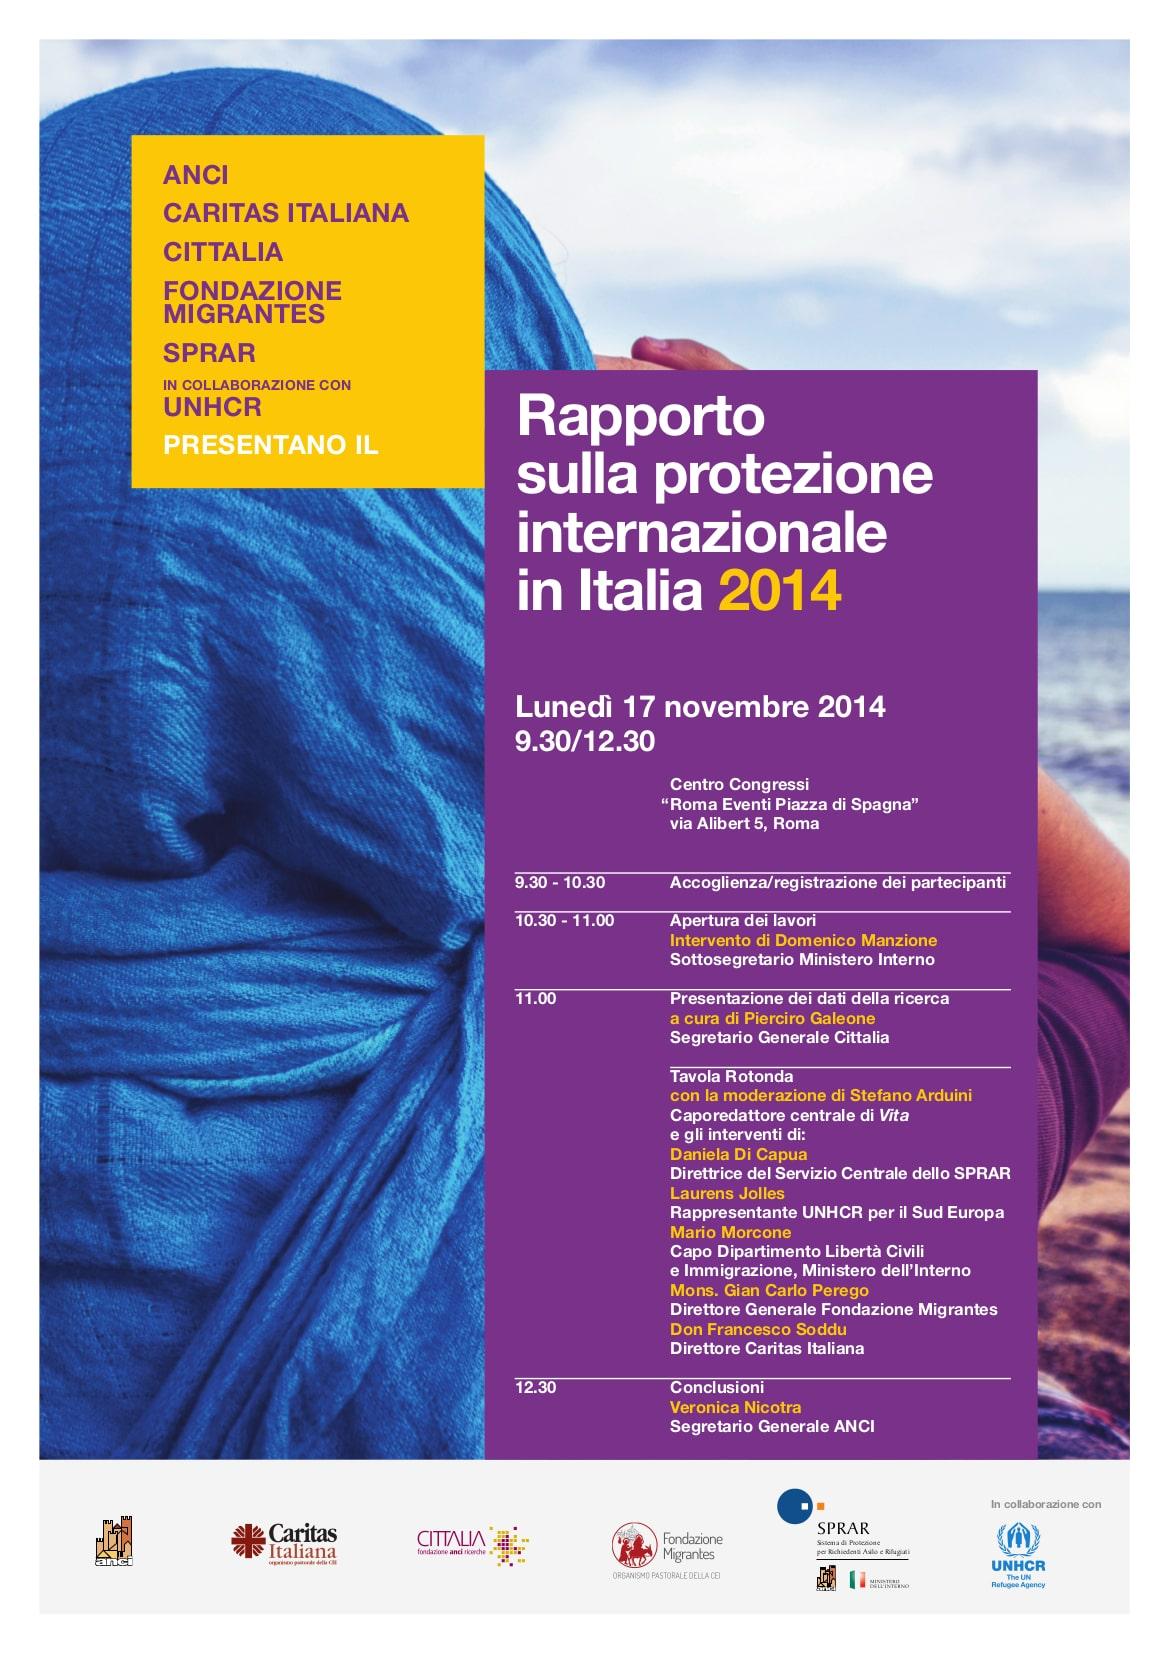 17 novembre, Rapporto sulla Protezione Internazionale in Italia 2014